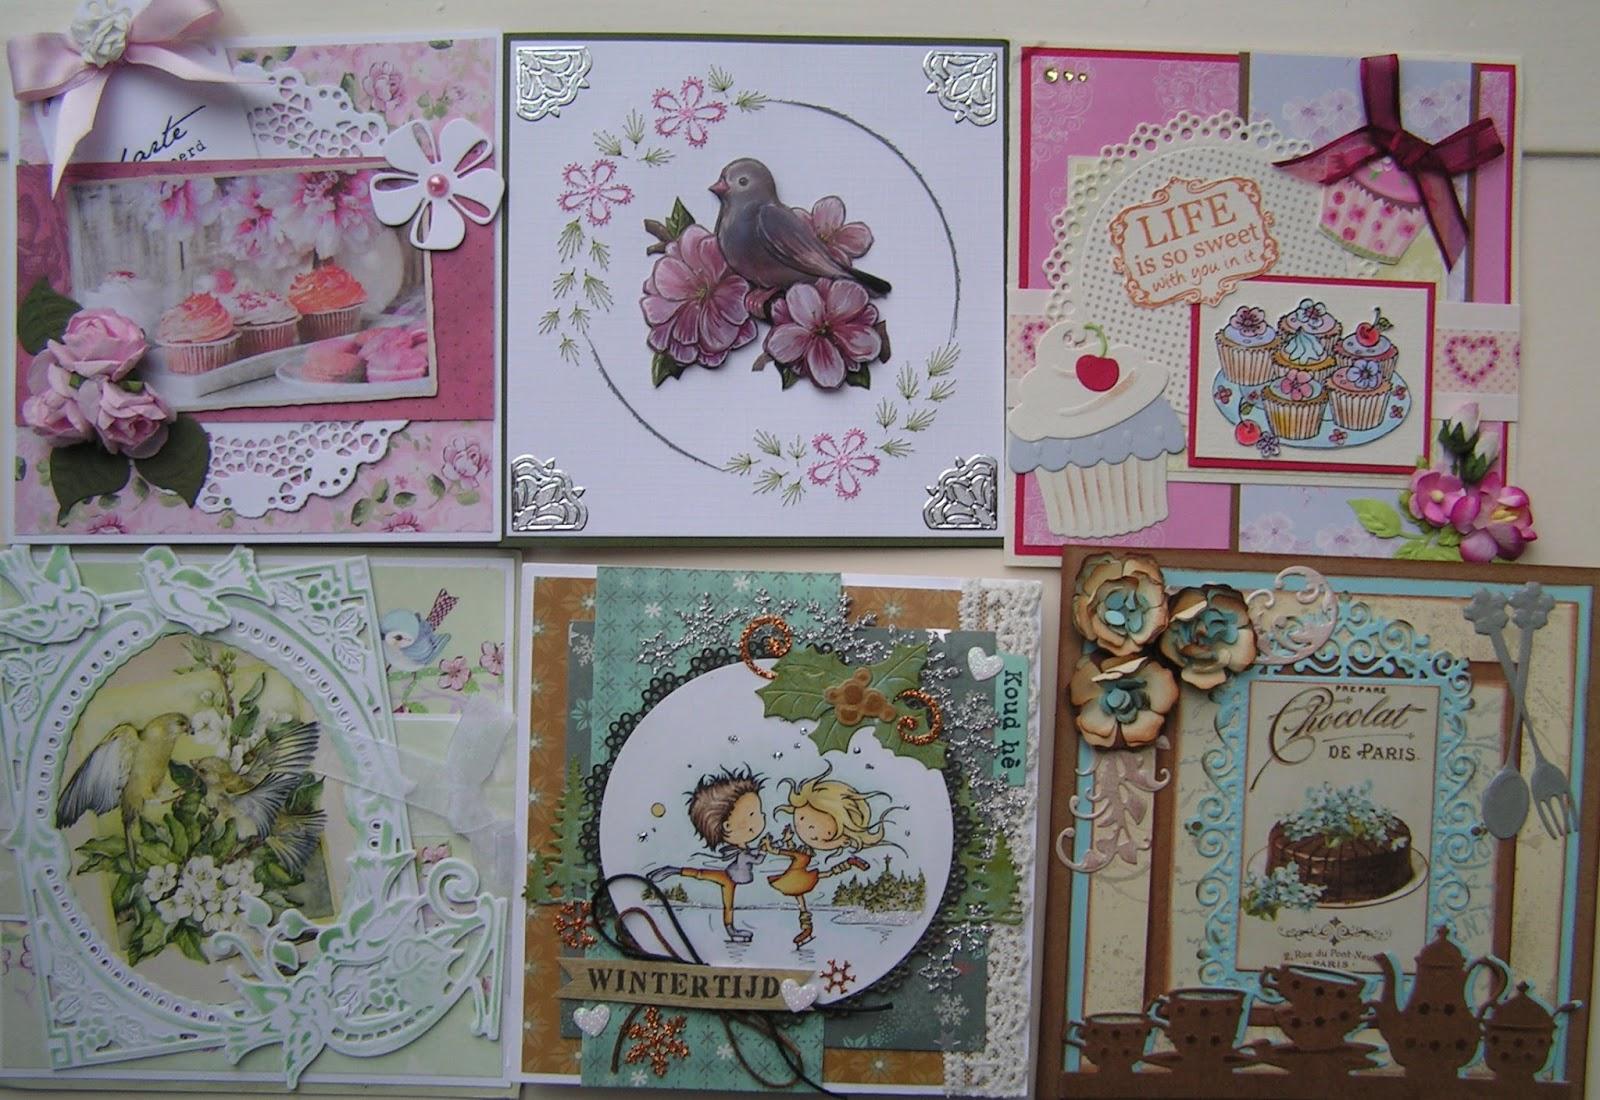 Trijntjes kaarten kerstkaart week 50 en mijn ontvangen verjaardagskaarten - Jaar wallpapers ...